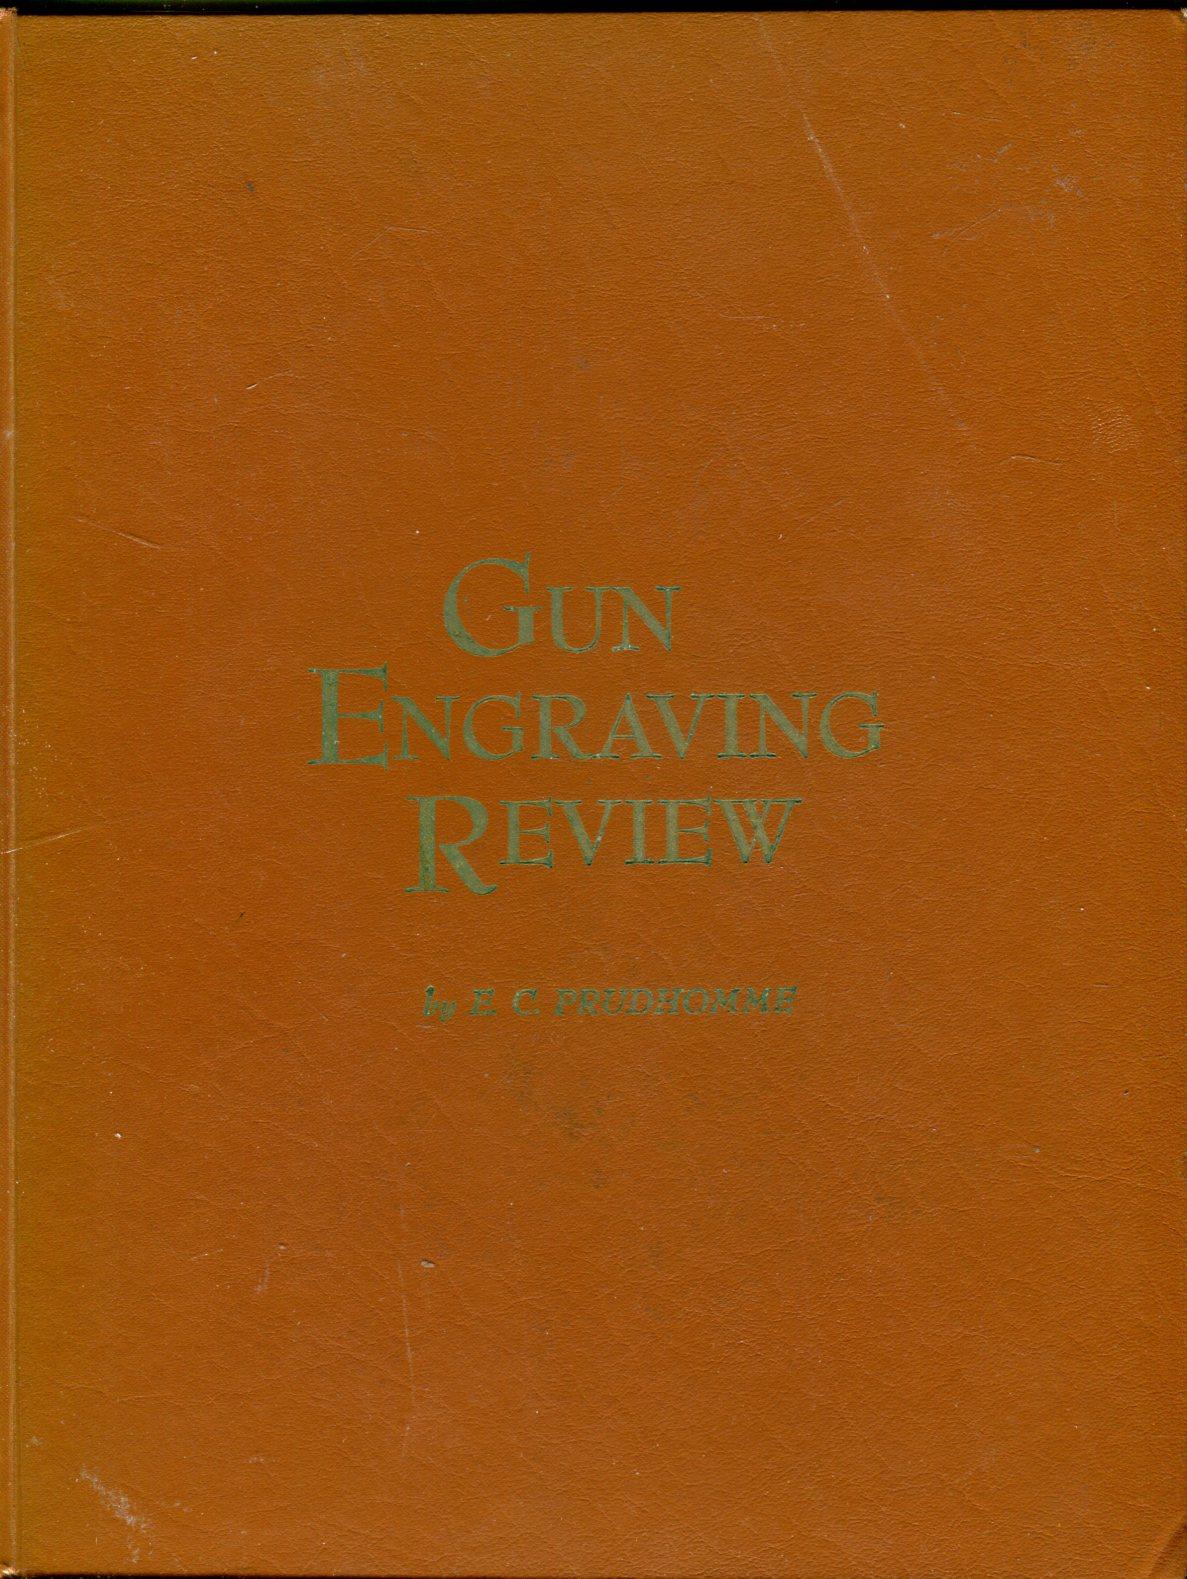 Gun Engraving Review